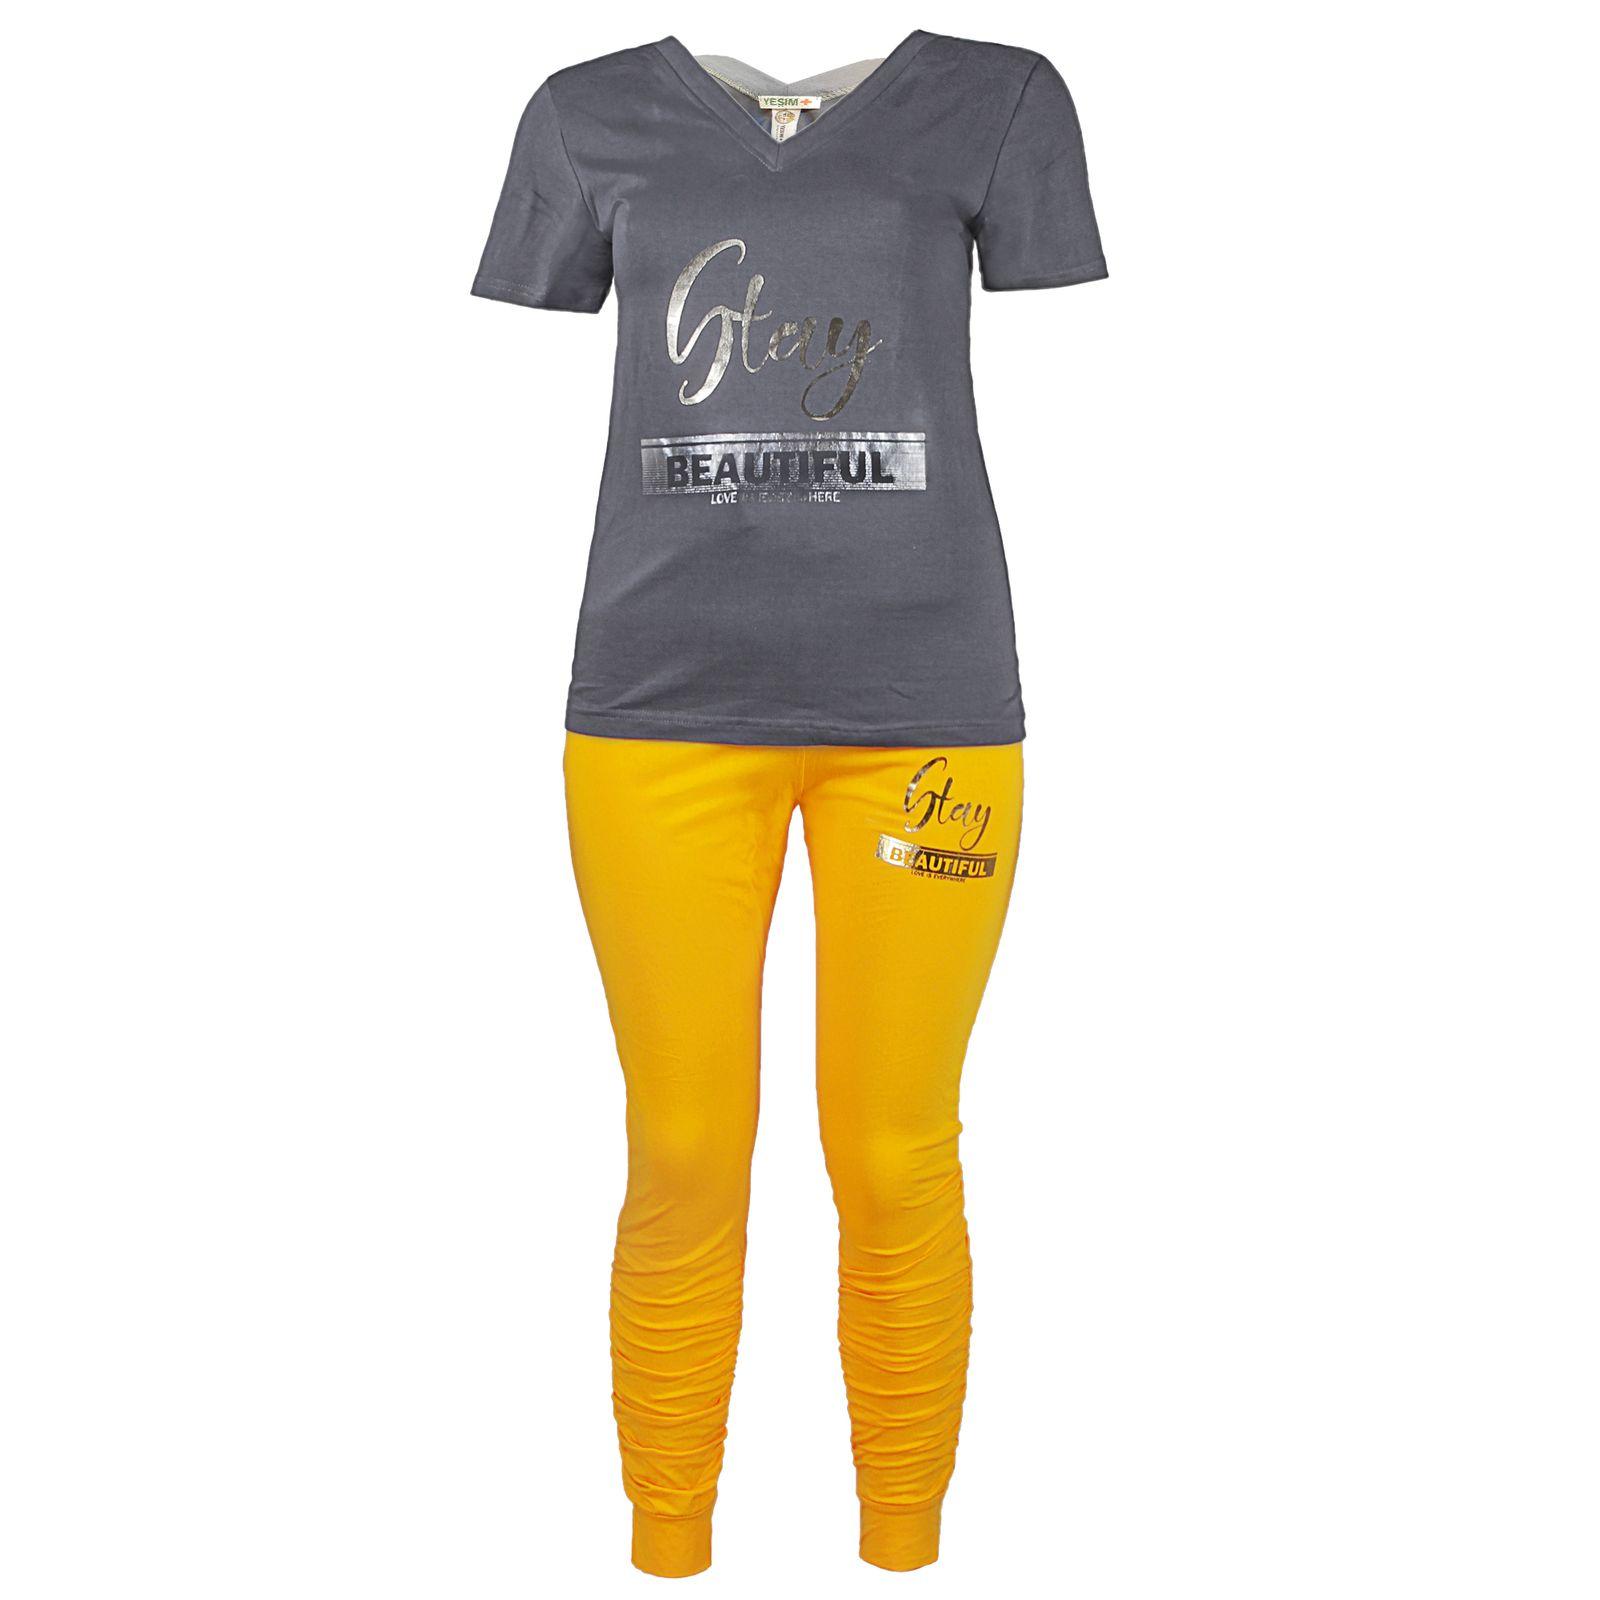 ست تی شرت و شلوار زنانه یشیم کد YS1096 -  - 2